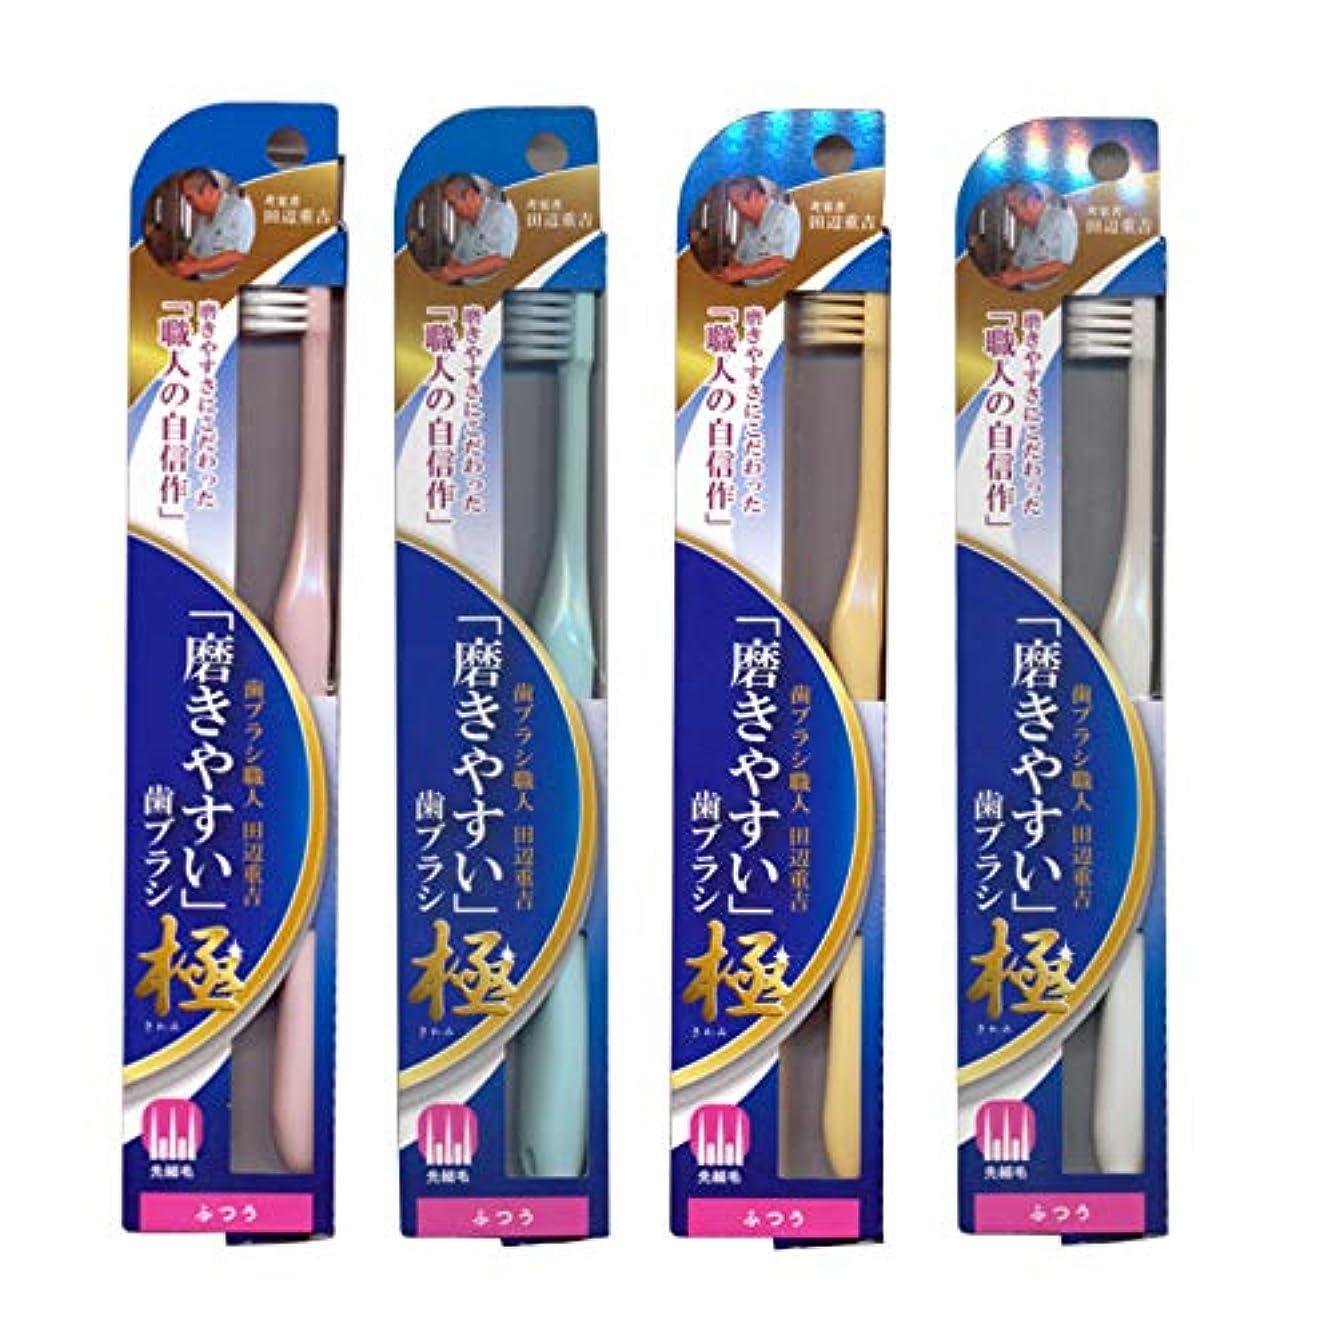 簿記係一掃するダンス磨きやすい歯ブラシ極 (ふつう) LT-44×4本セット(ピンク×1、ブルー×1、ホワイト×1、イエロー×1)先細毛